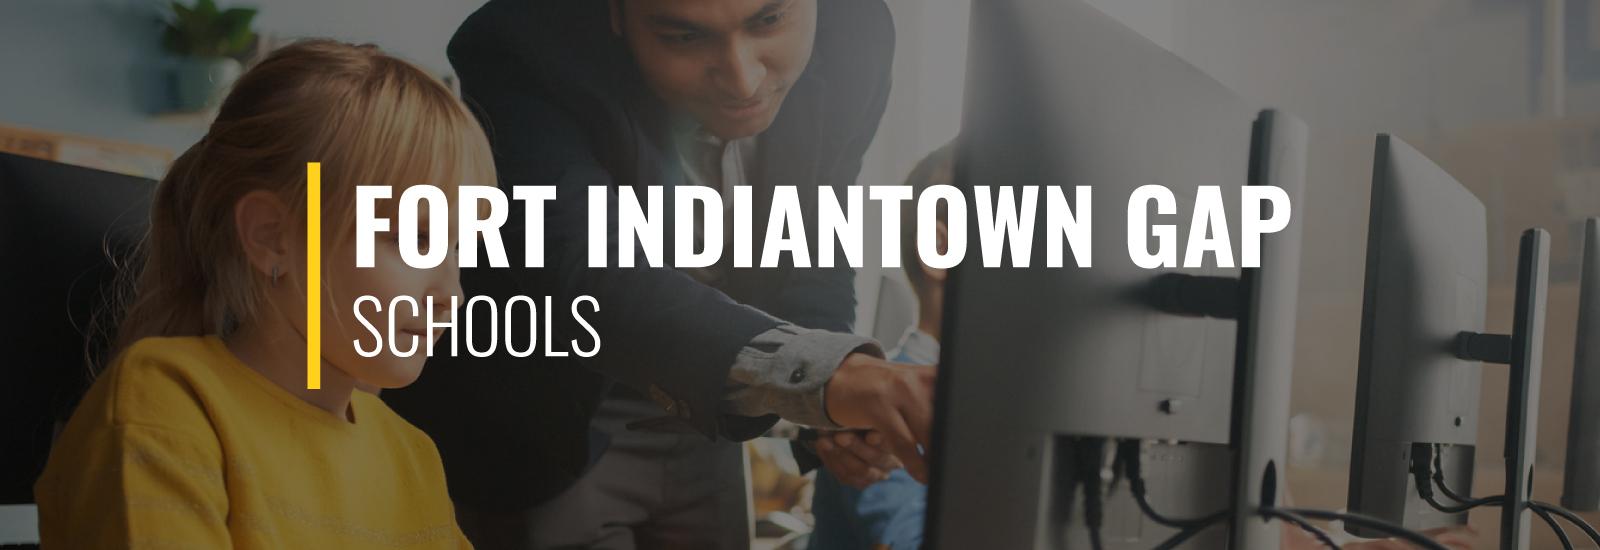 Fort Indiantown Gap Schools